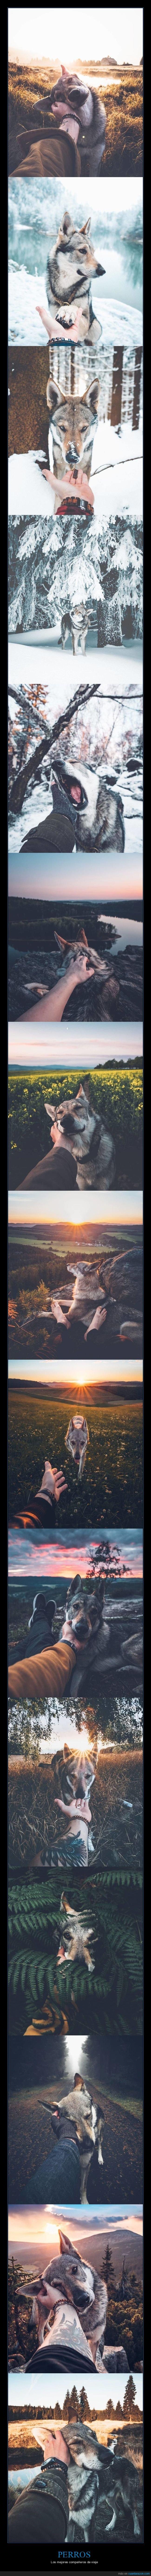 fotografía,perros,viajes